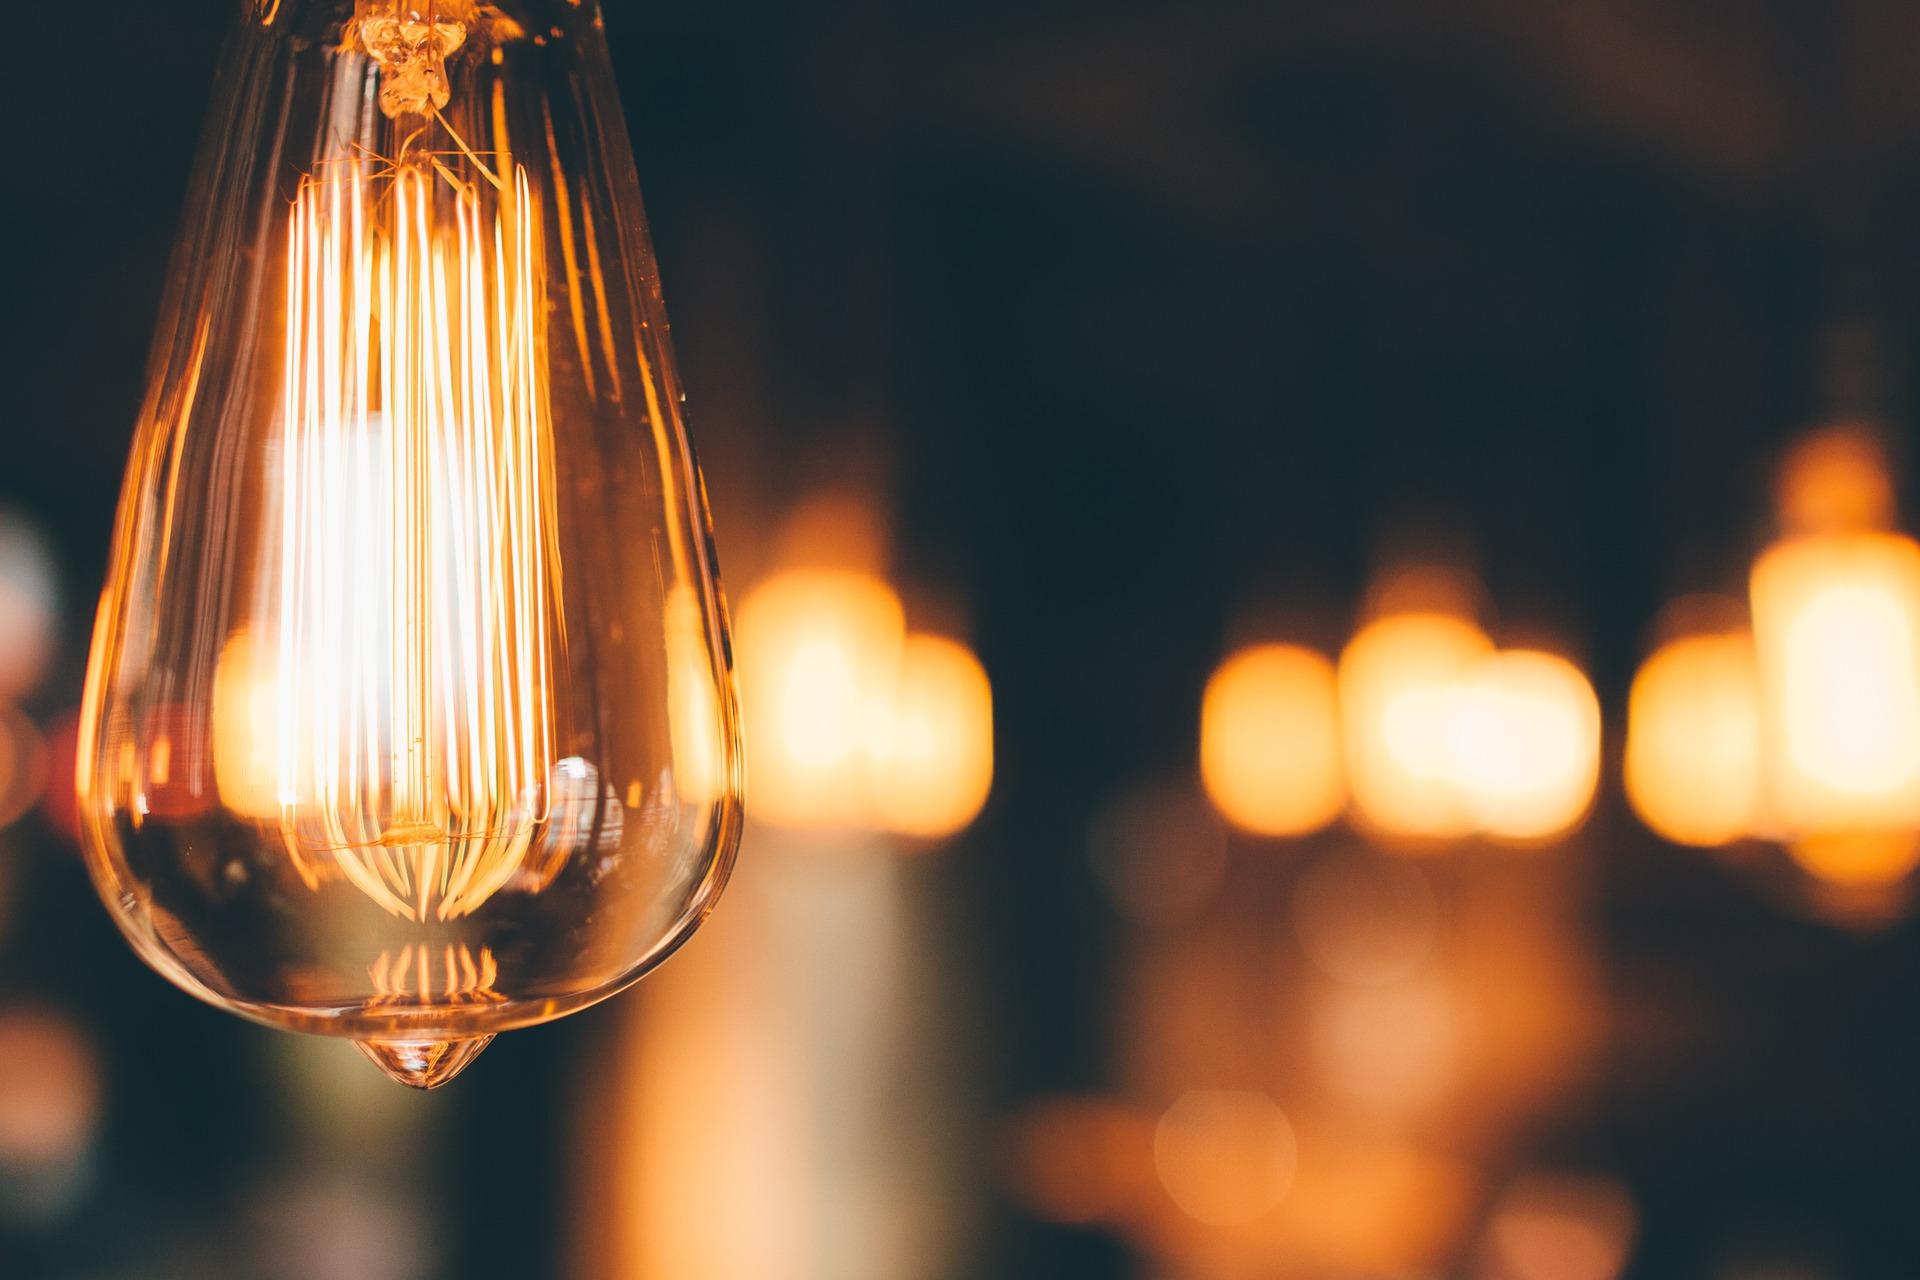 Comment obtenir un éclairage intérieur agréable et esthétique ?